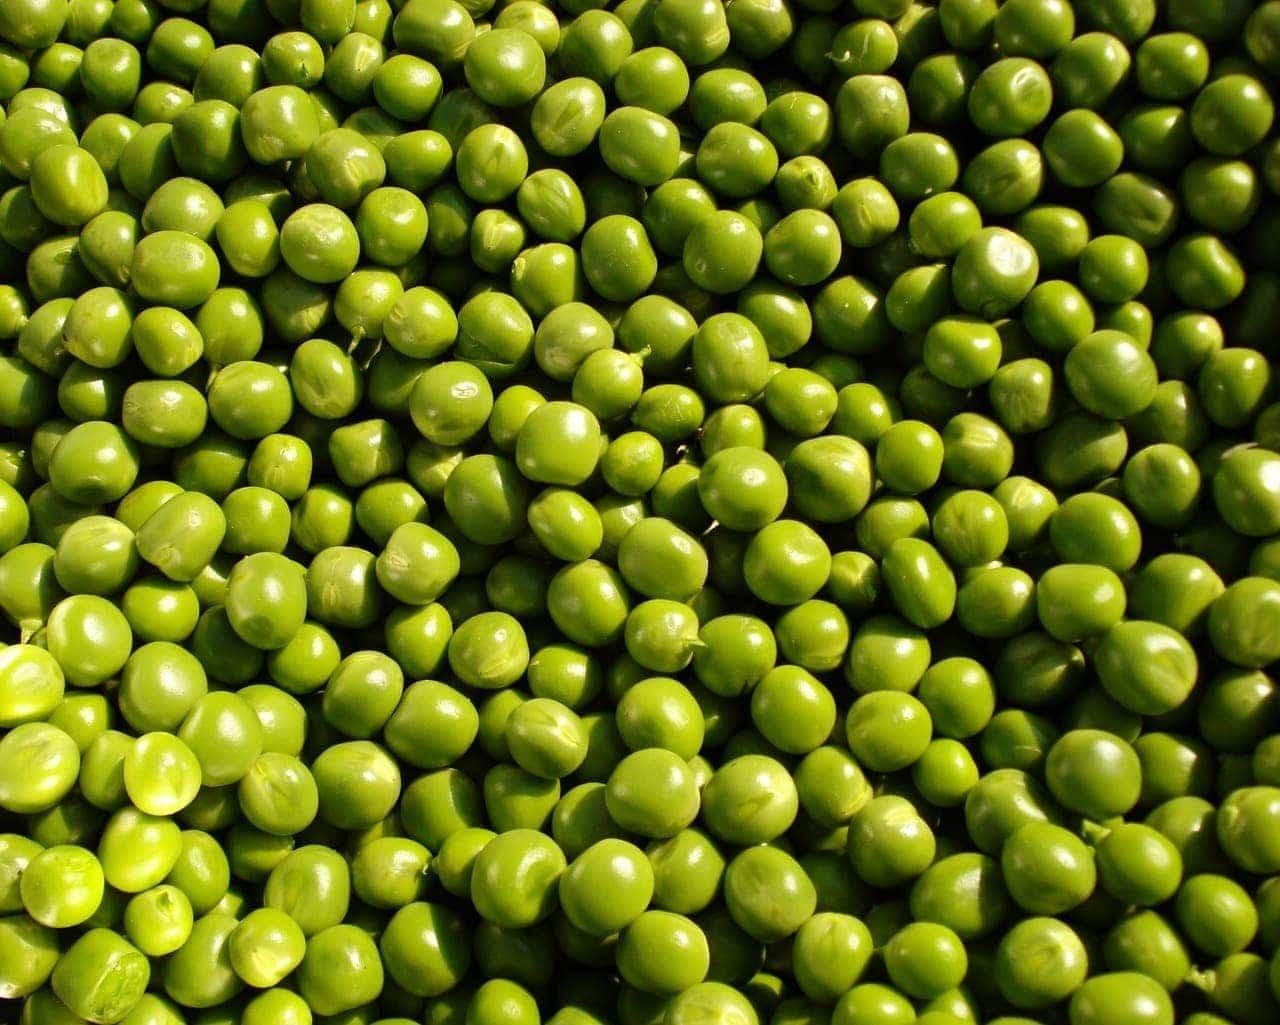 przepisy na tanie zupy - krem z zielonego groszku